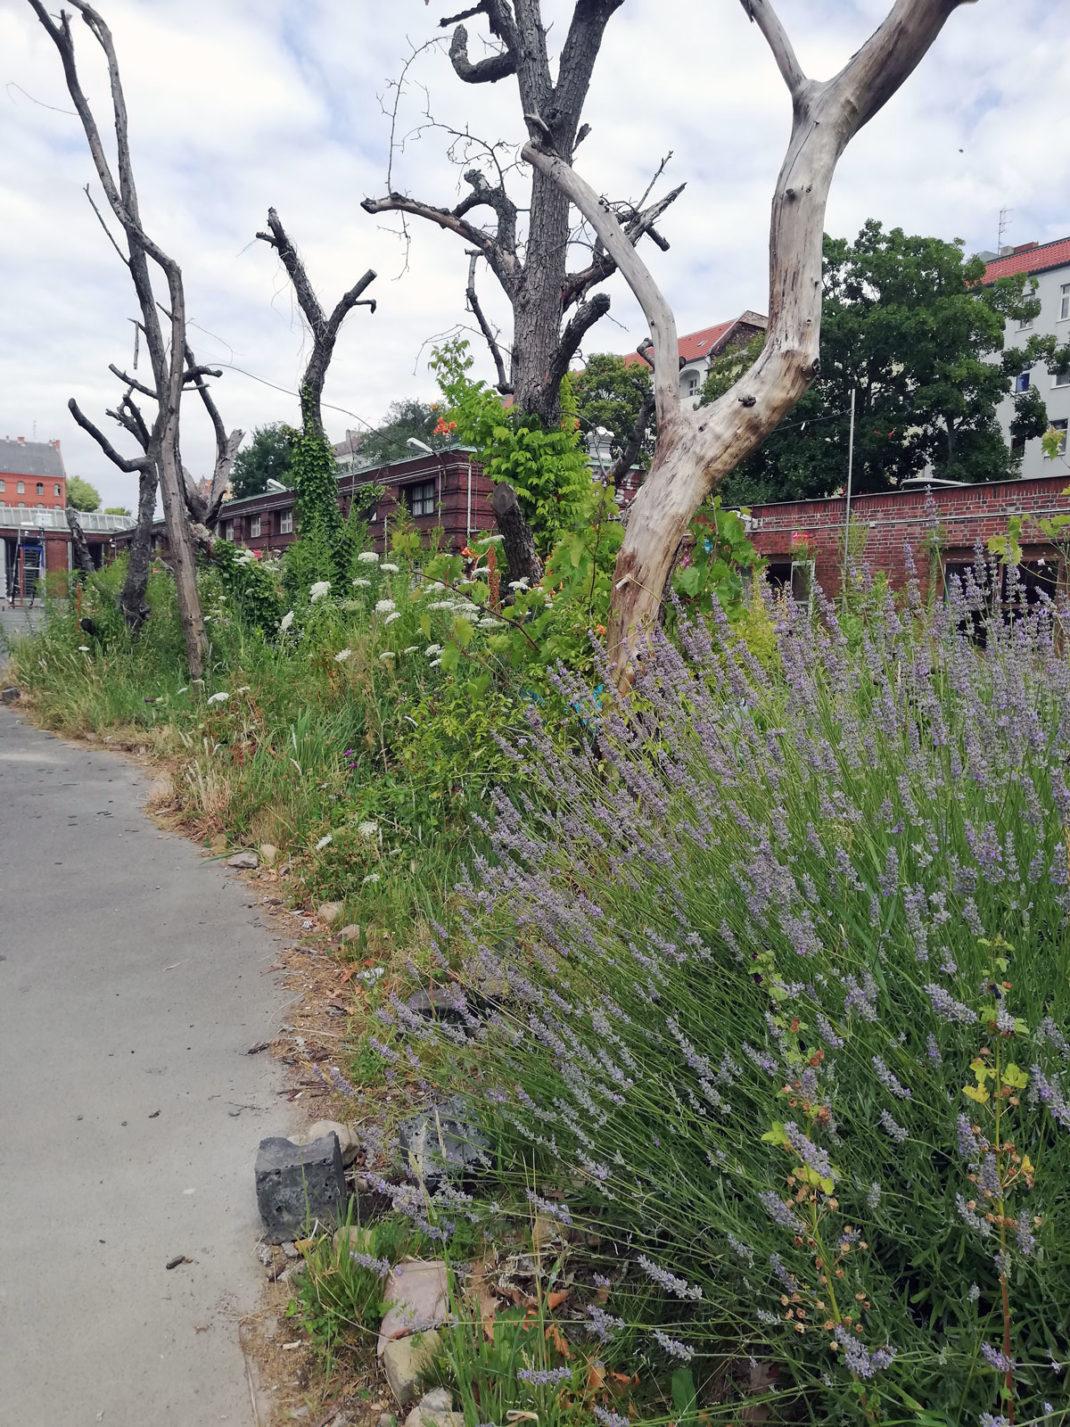 llevar la naturaleza a las ciudades